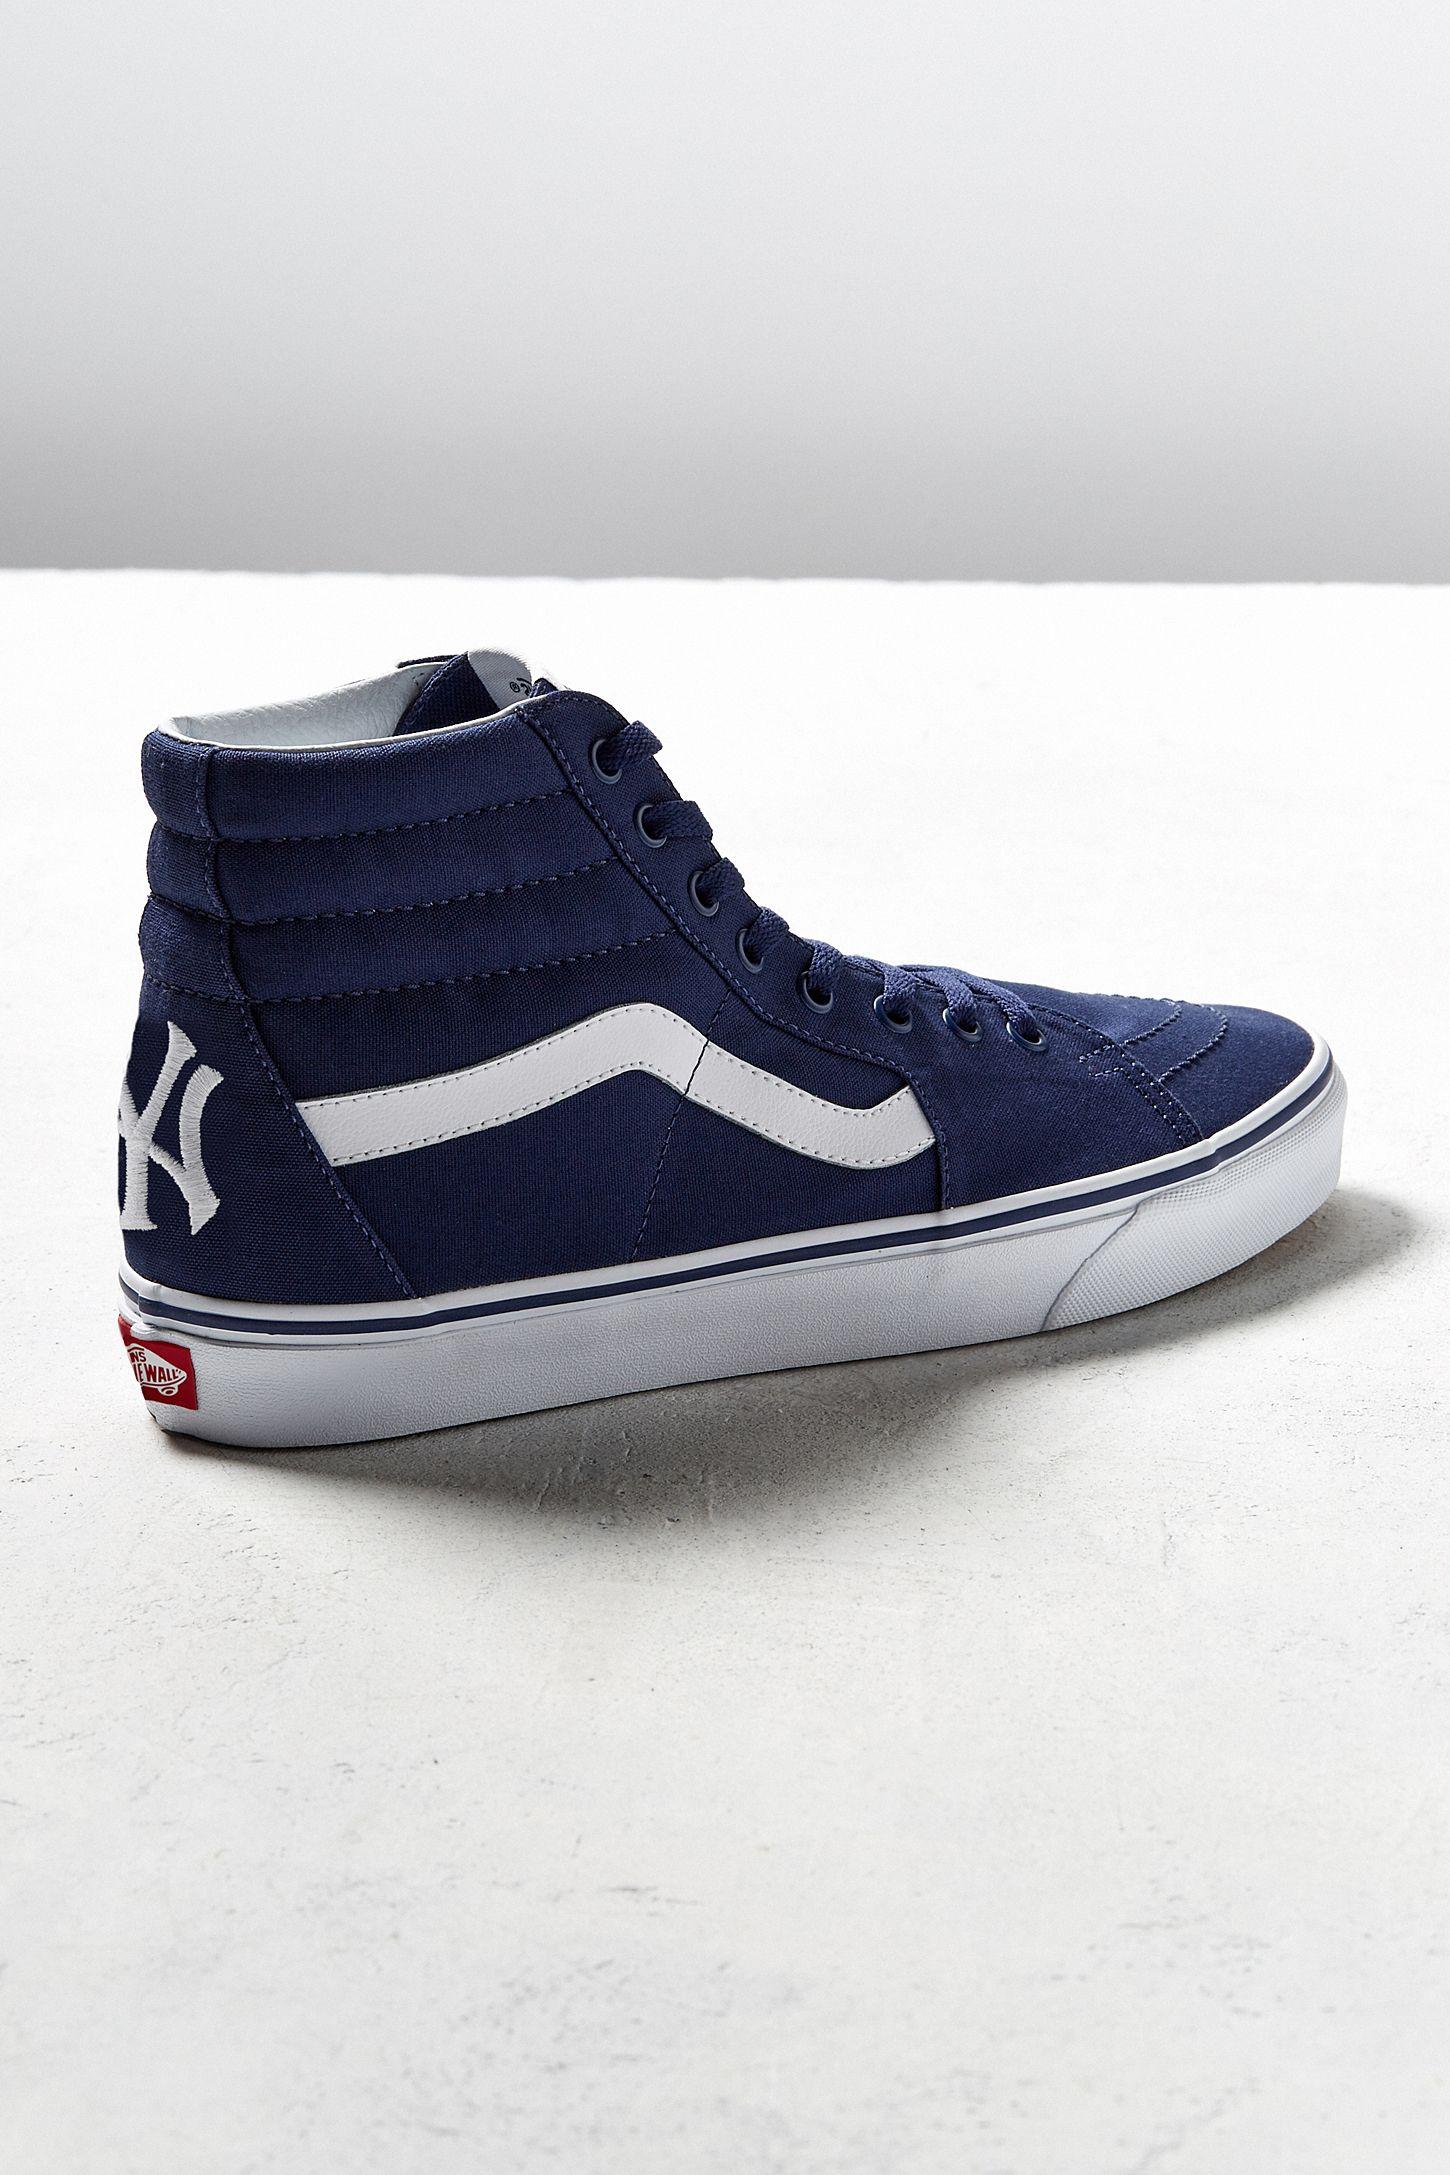 622fdd18e31 Vans MLB New York Yankees Sk8-Hi Sneaker